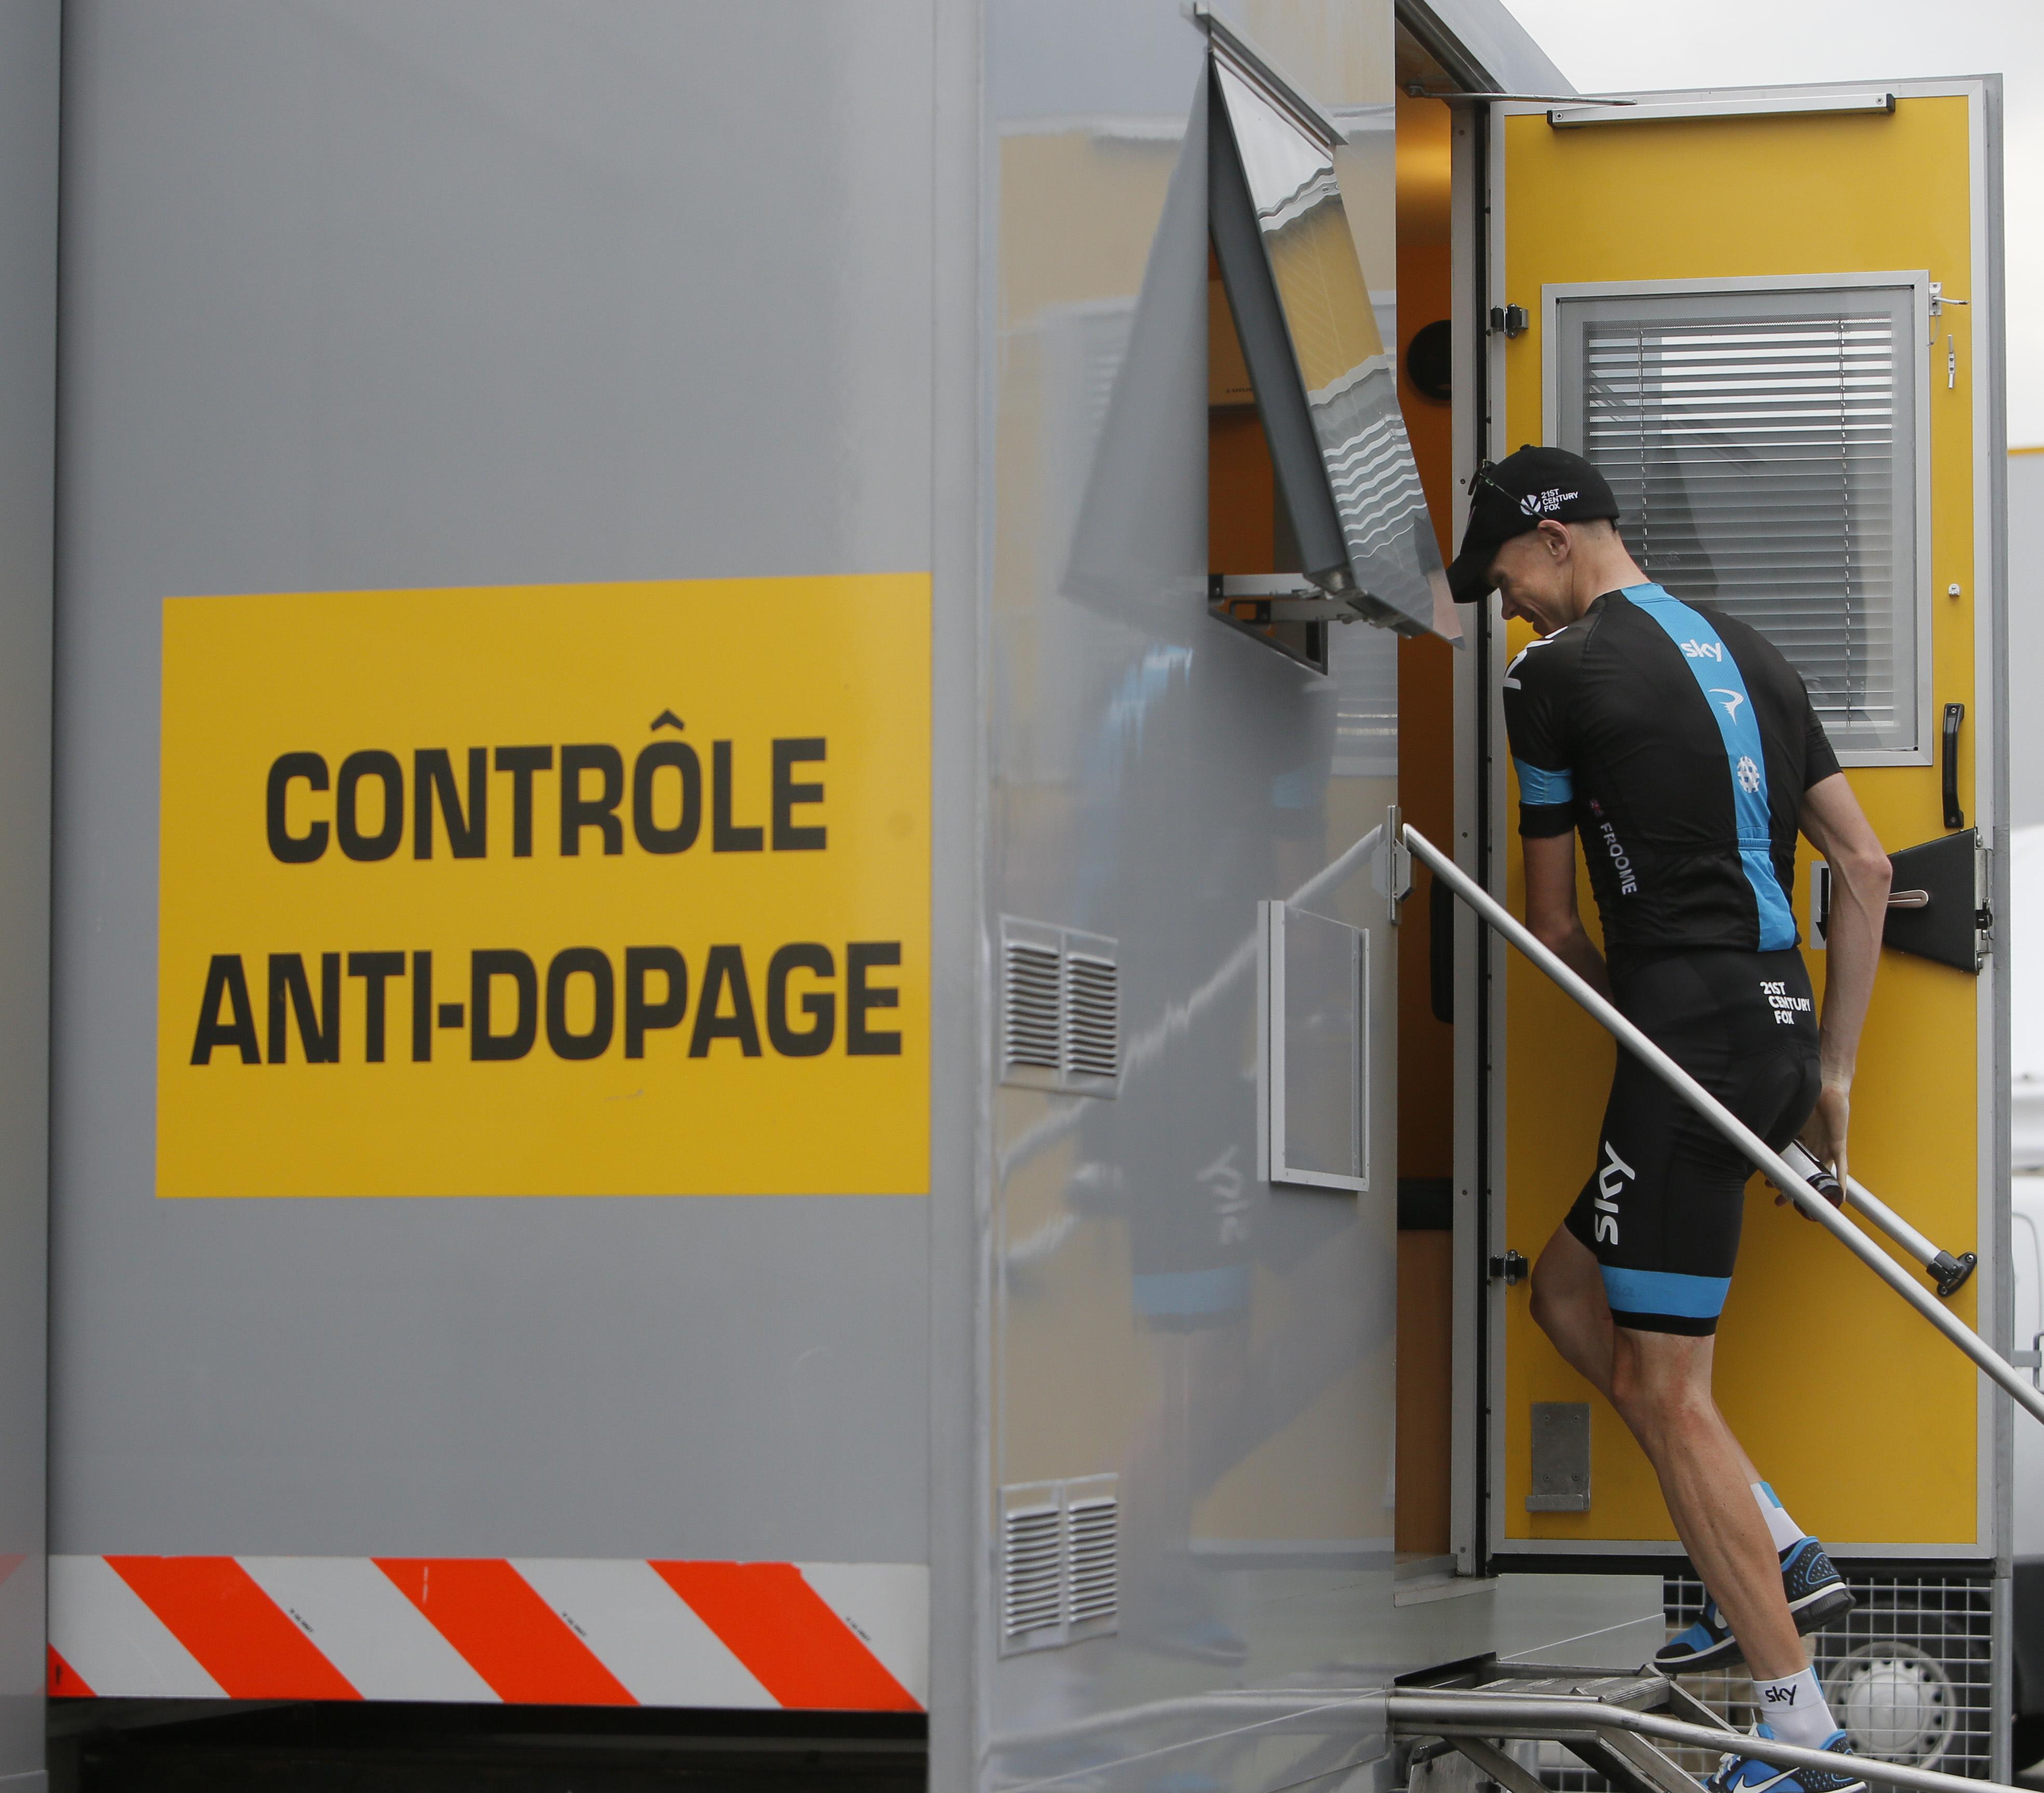 Cyclisme - Pourquoi Froome n'est pas suspendu après son contrôle positif ?